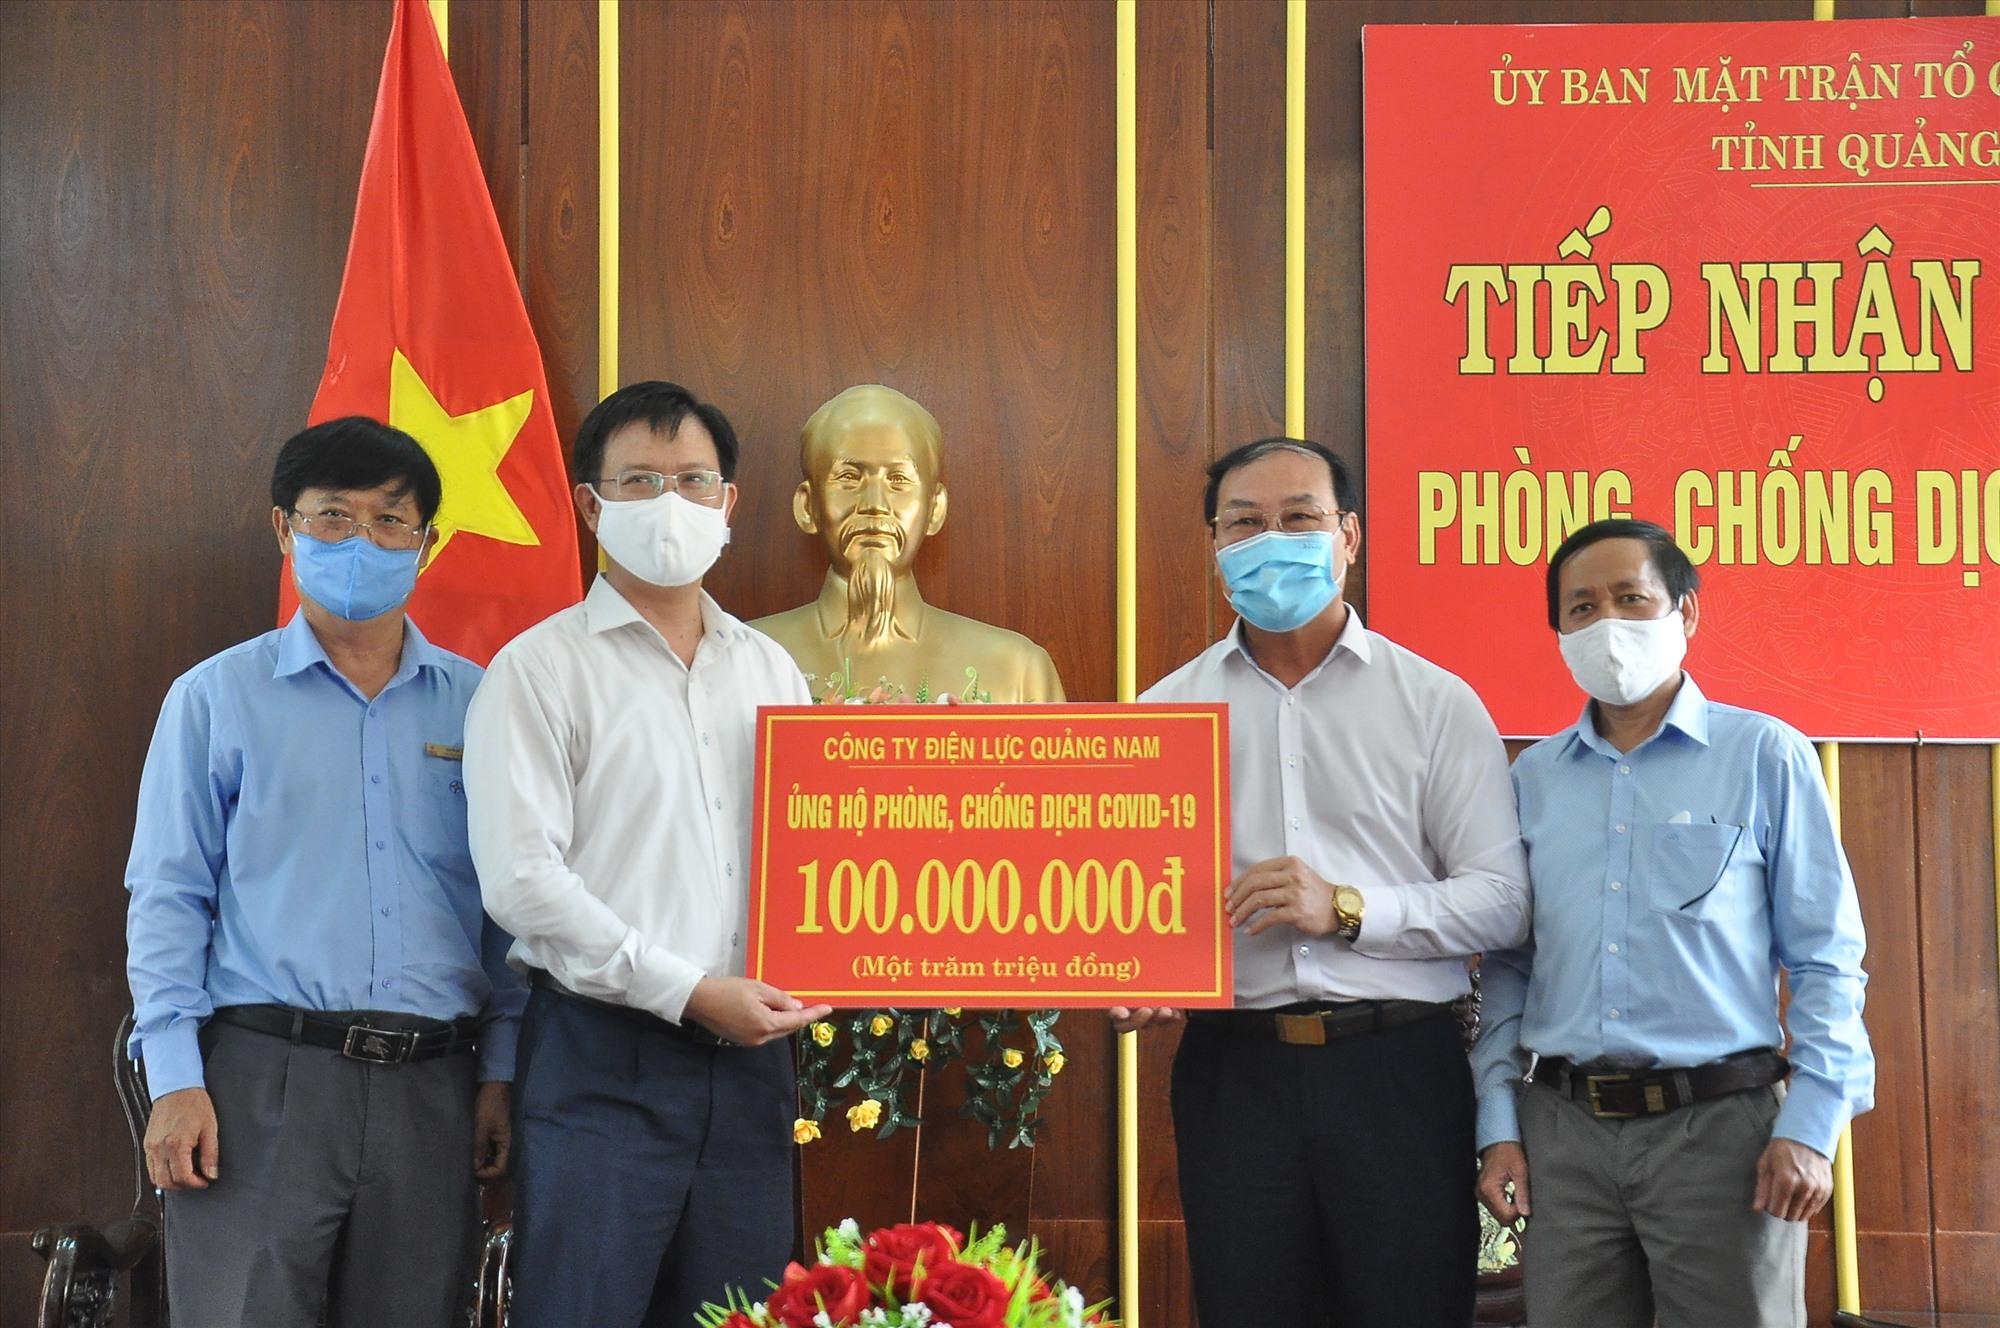 Công ty Điện lực Quảng Nam ủng hộ 100 triệu đồng. Ảnh: VINH ANH